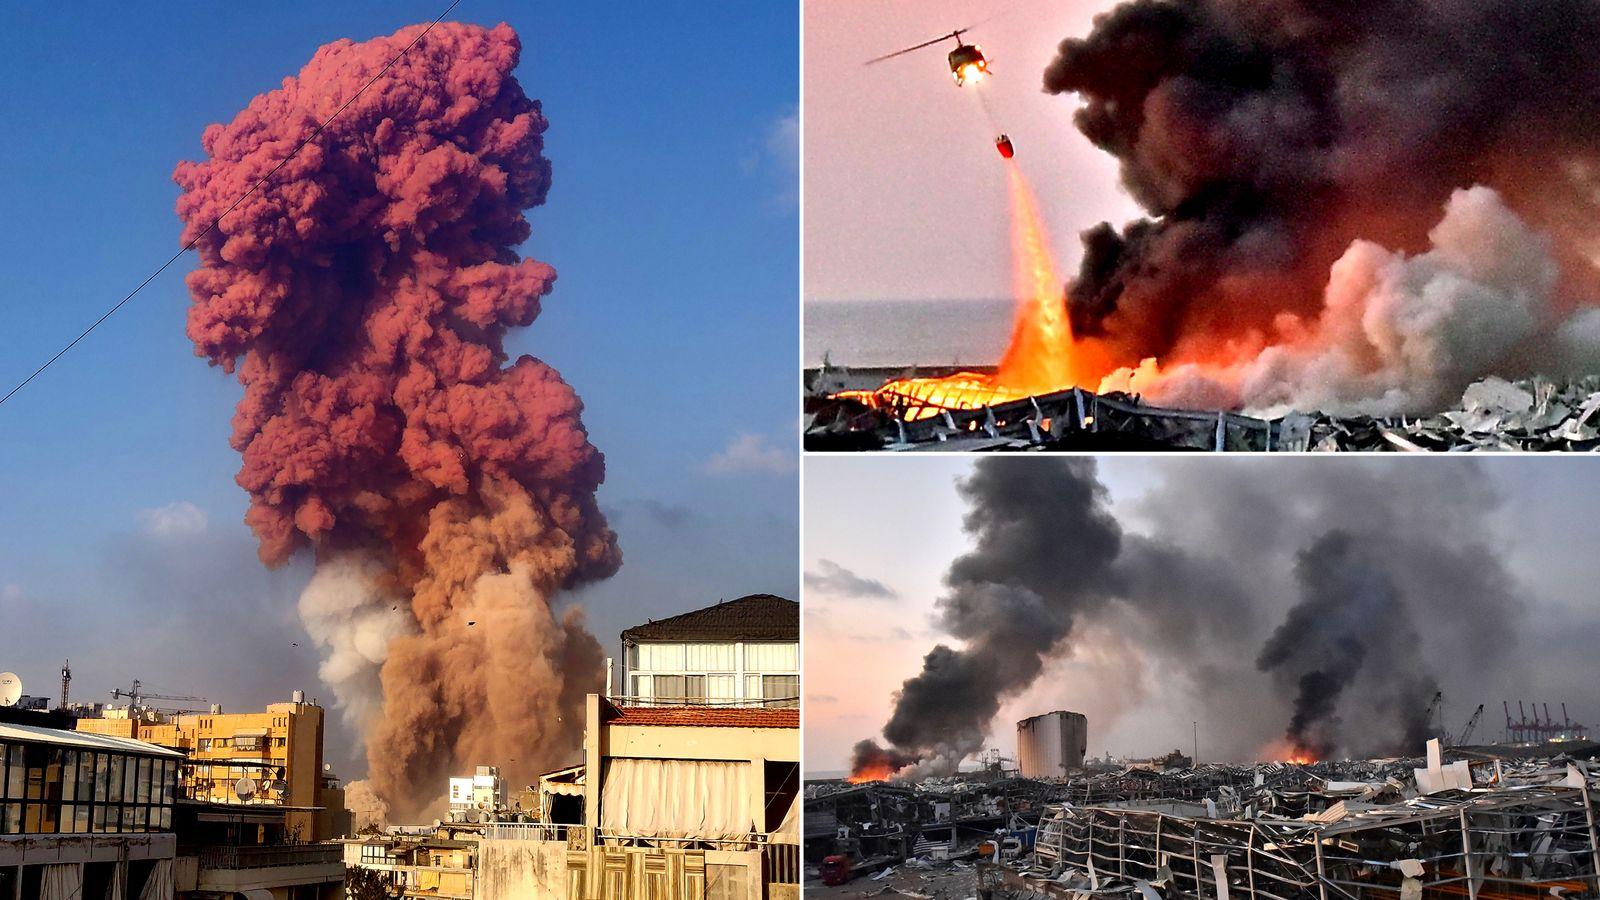 意大利爆破专家:贝鲁特爆炸起因不是硝酸铵 或是军用导弹